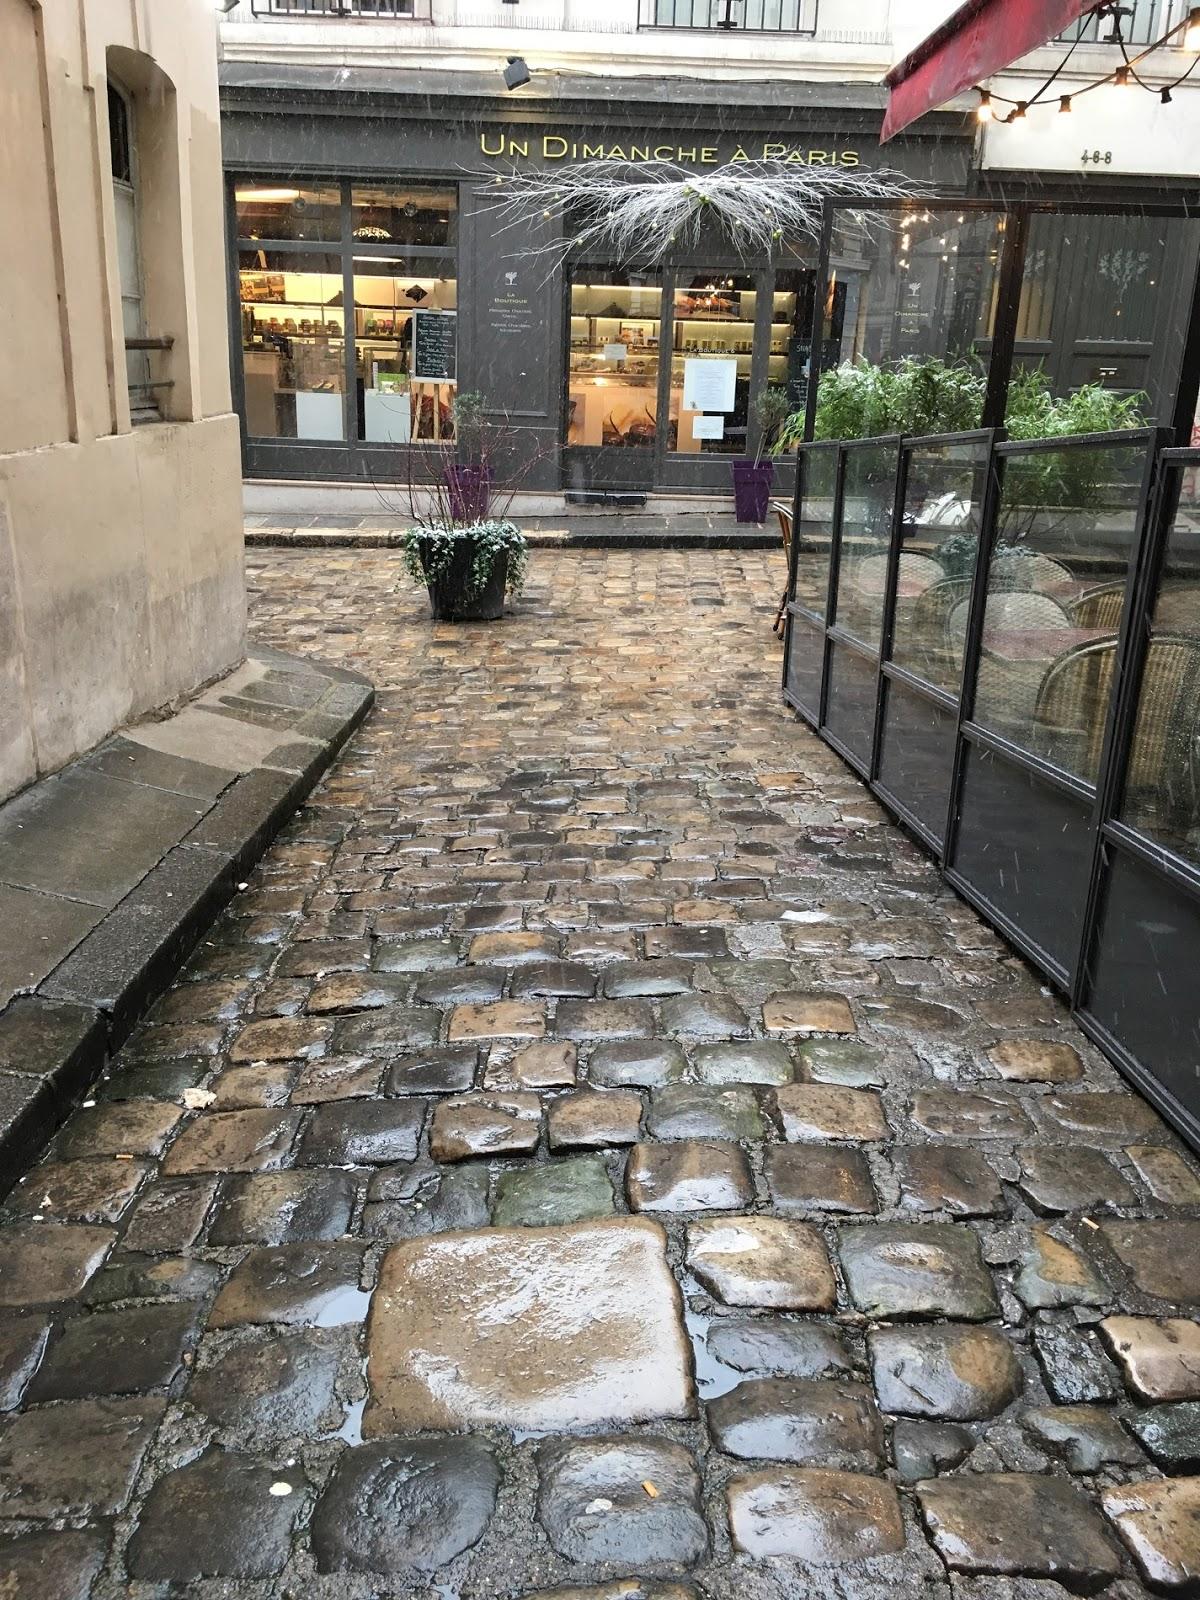 La pierre à bois nel braccio laterale della Cour du commerce Saint-André